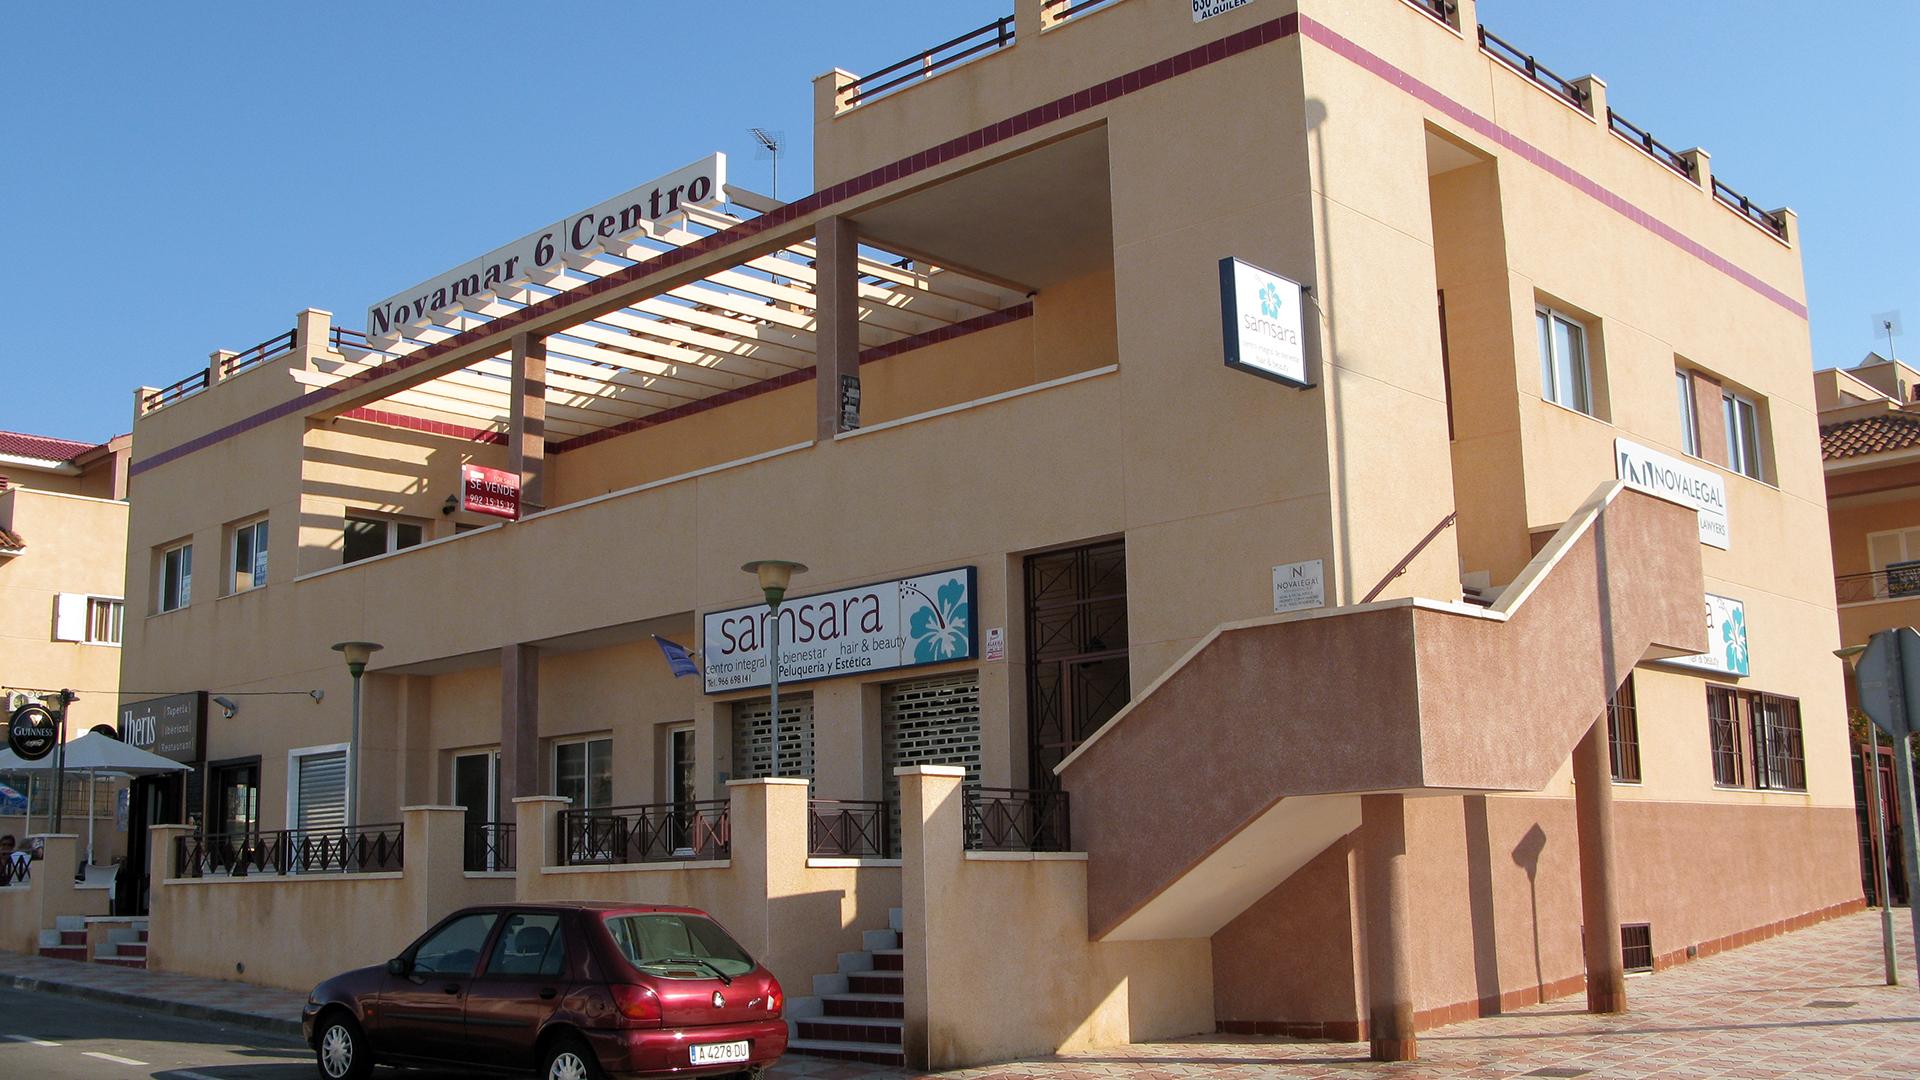 Oficina  Novomar, gran alacant, alicante. Conjunto de 6 locales comerciales en planta semisã³tano, baja, p